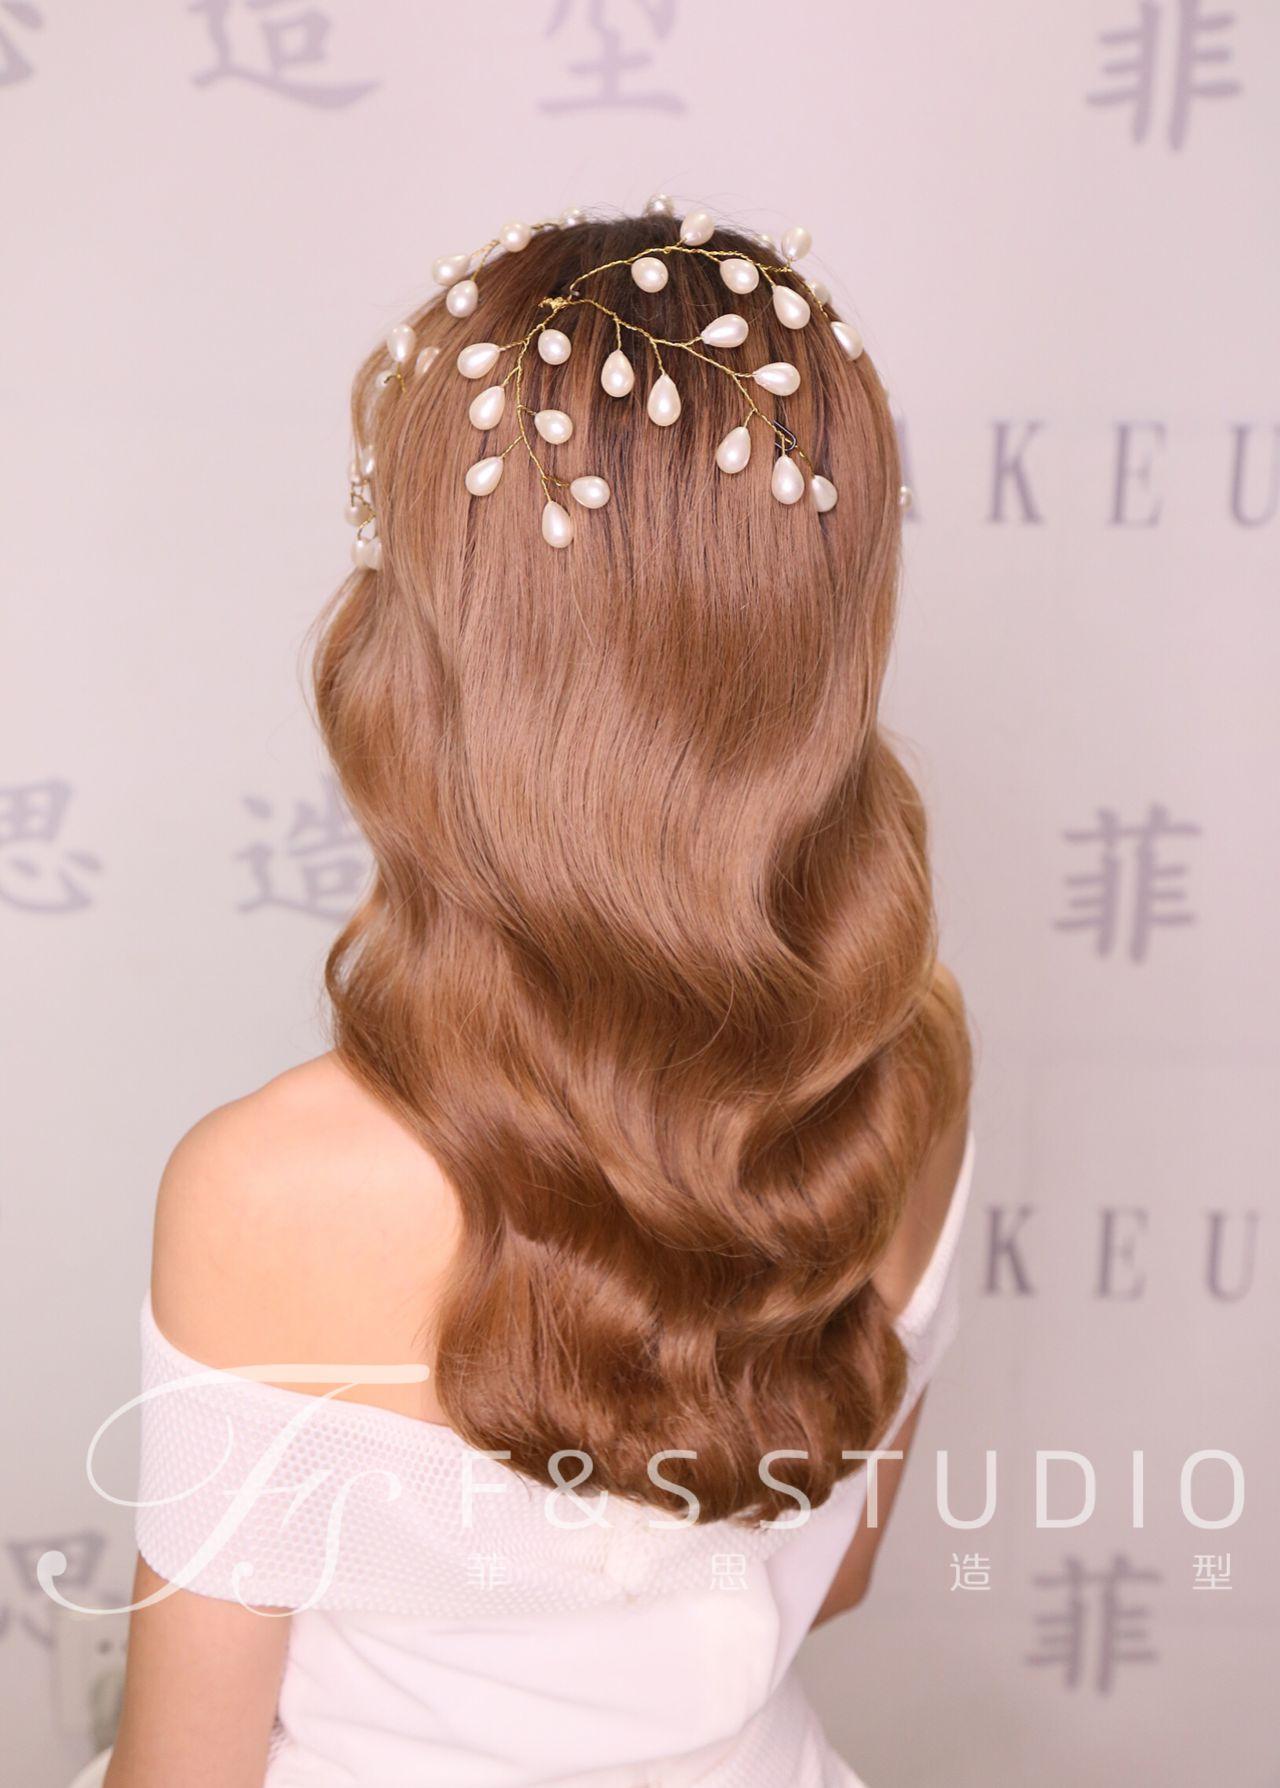 新娘妆容|韩式大气造型